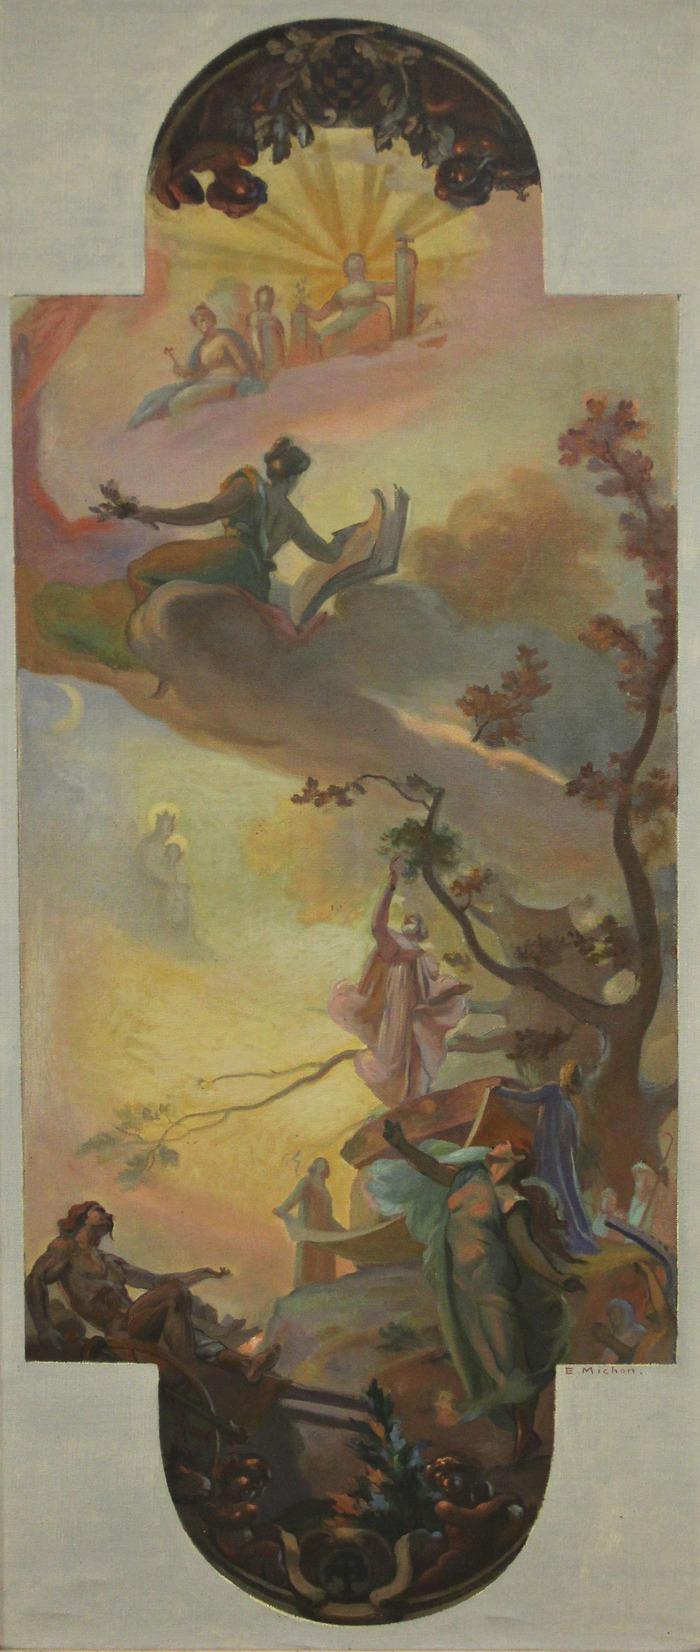 Crédits image : Collection Musée d'Art et d'Histoire